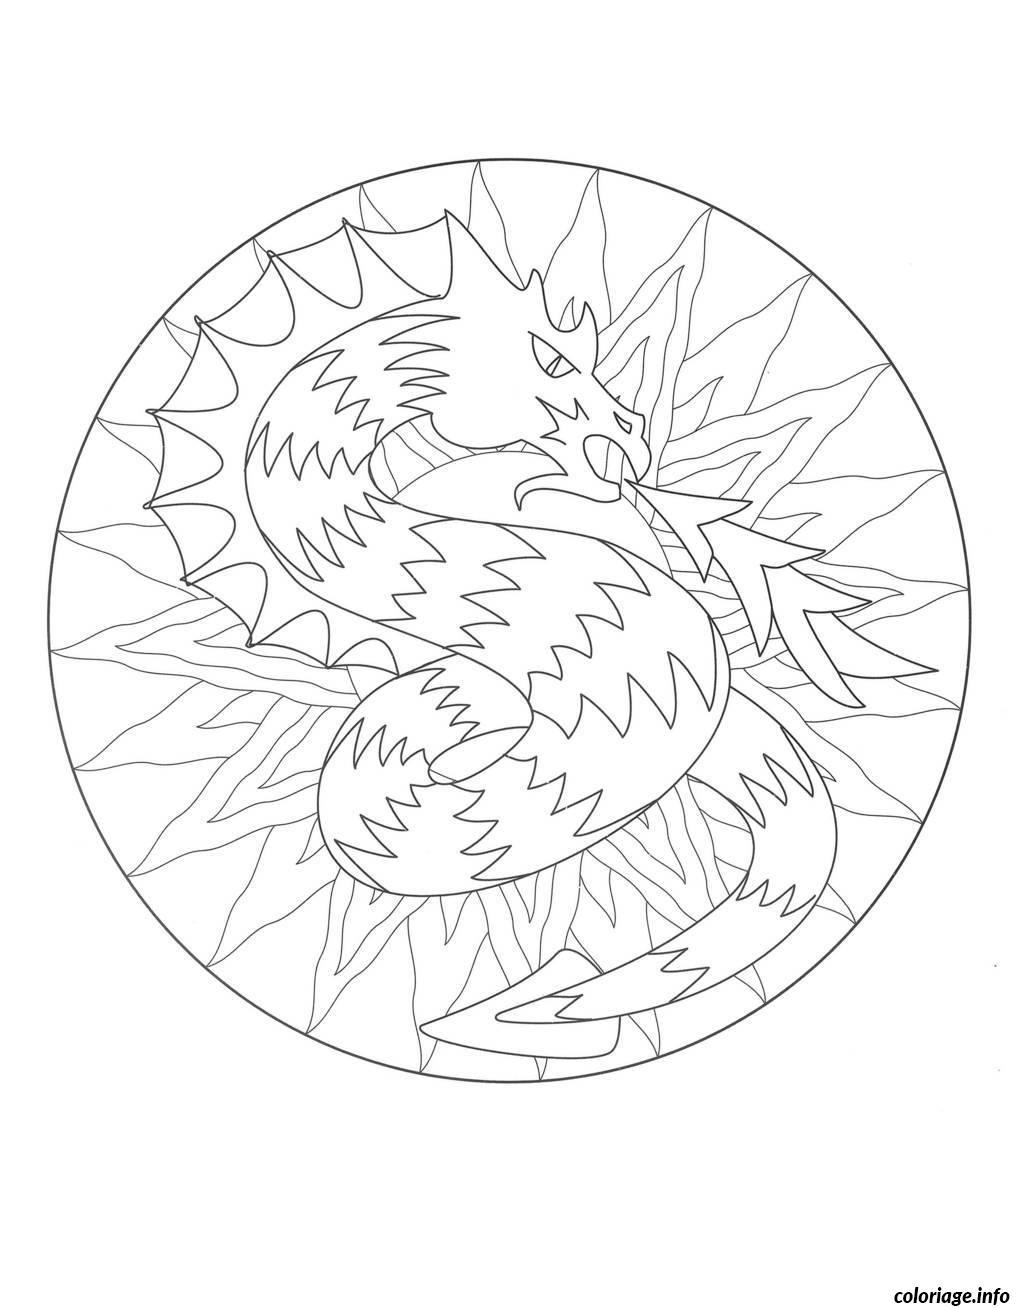 Coloriage coloring mandala dragon 3 dessin - Mandala de dragon ...